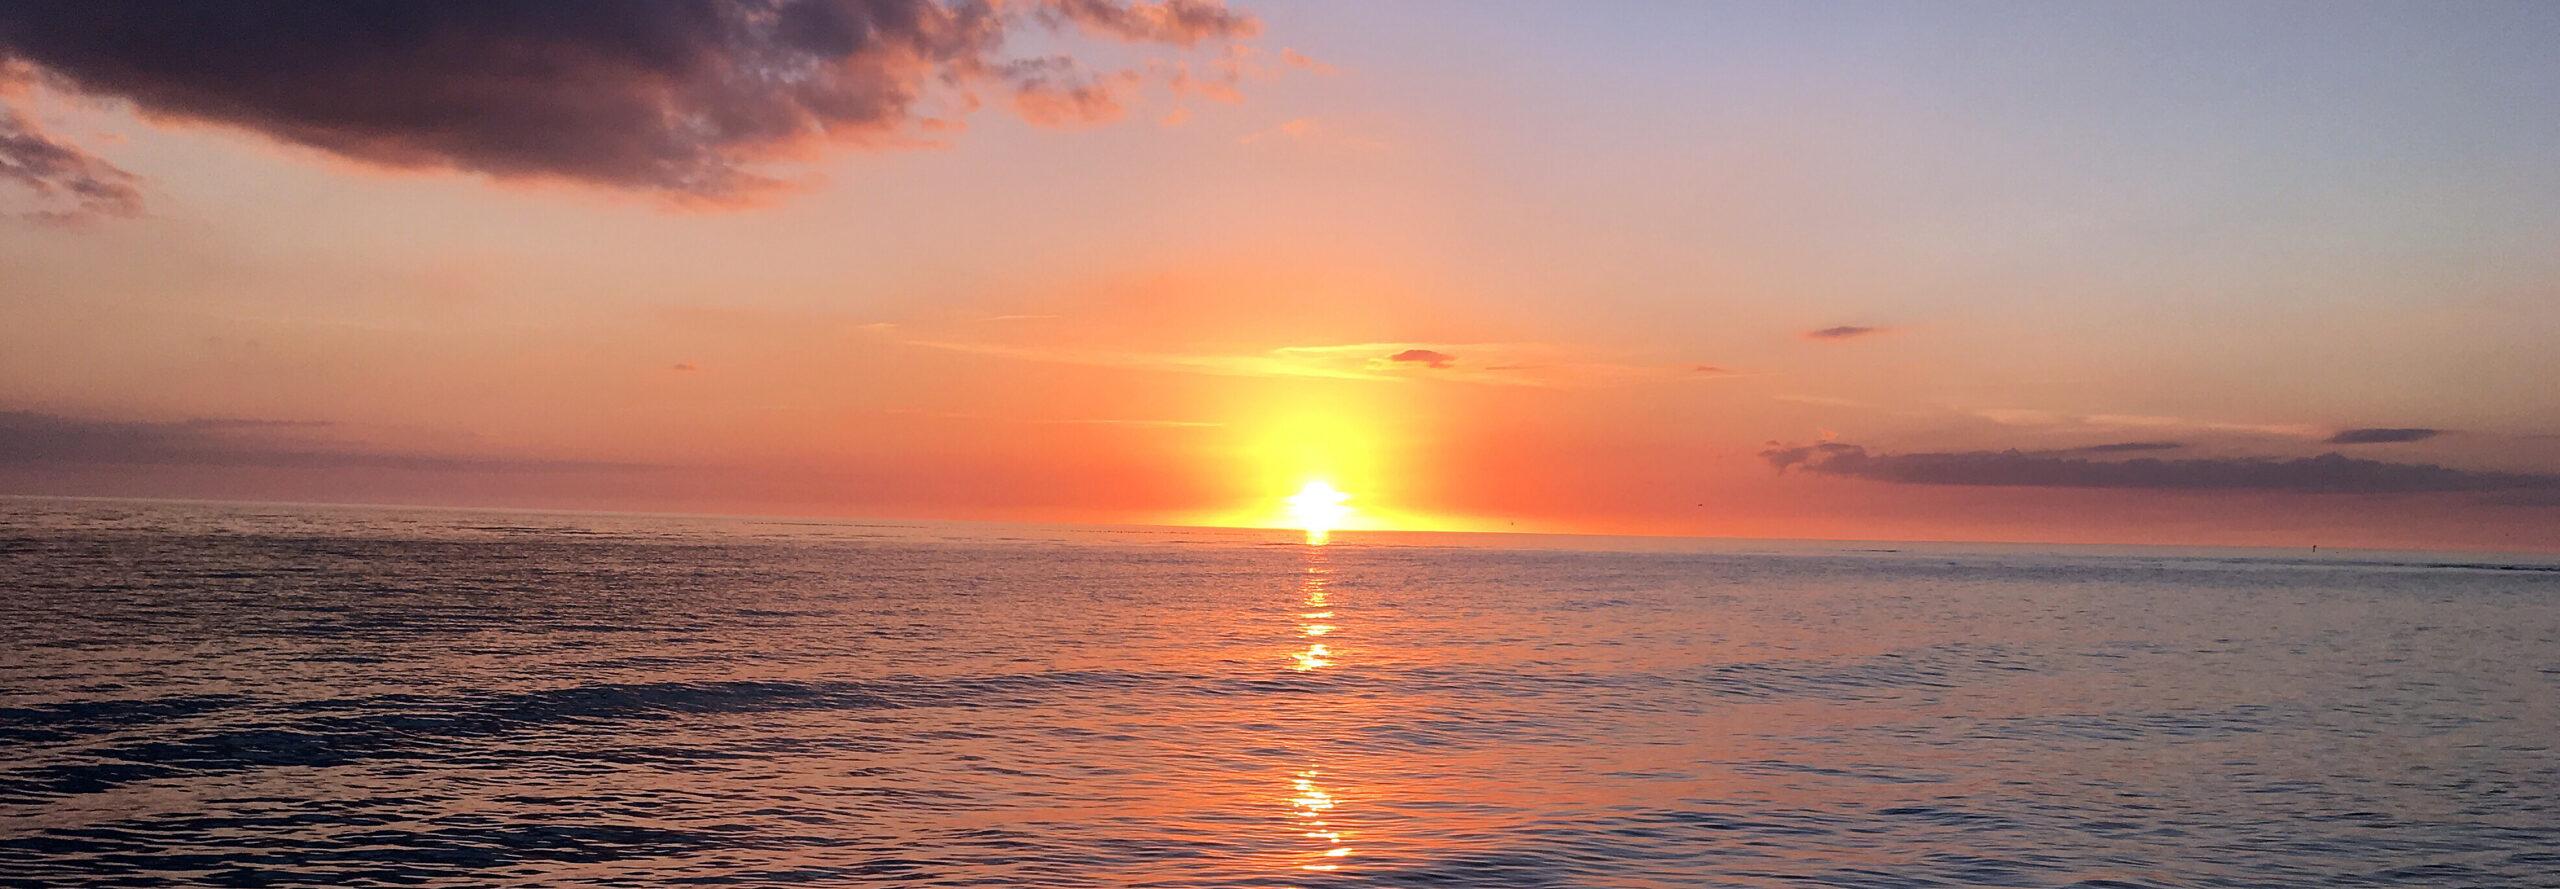 beautiful-sunset-over-the-bay-sarasota-florida